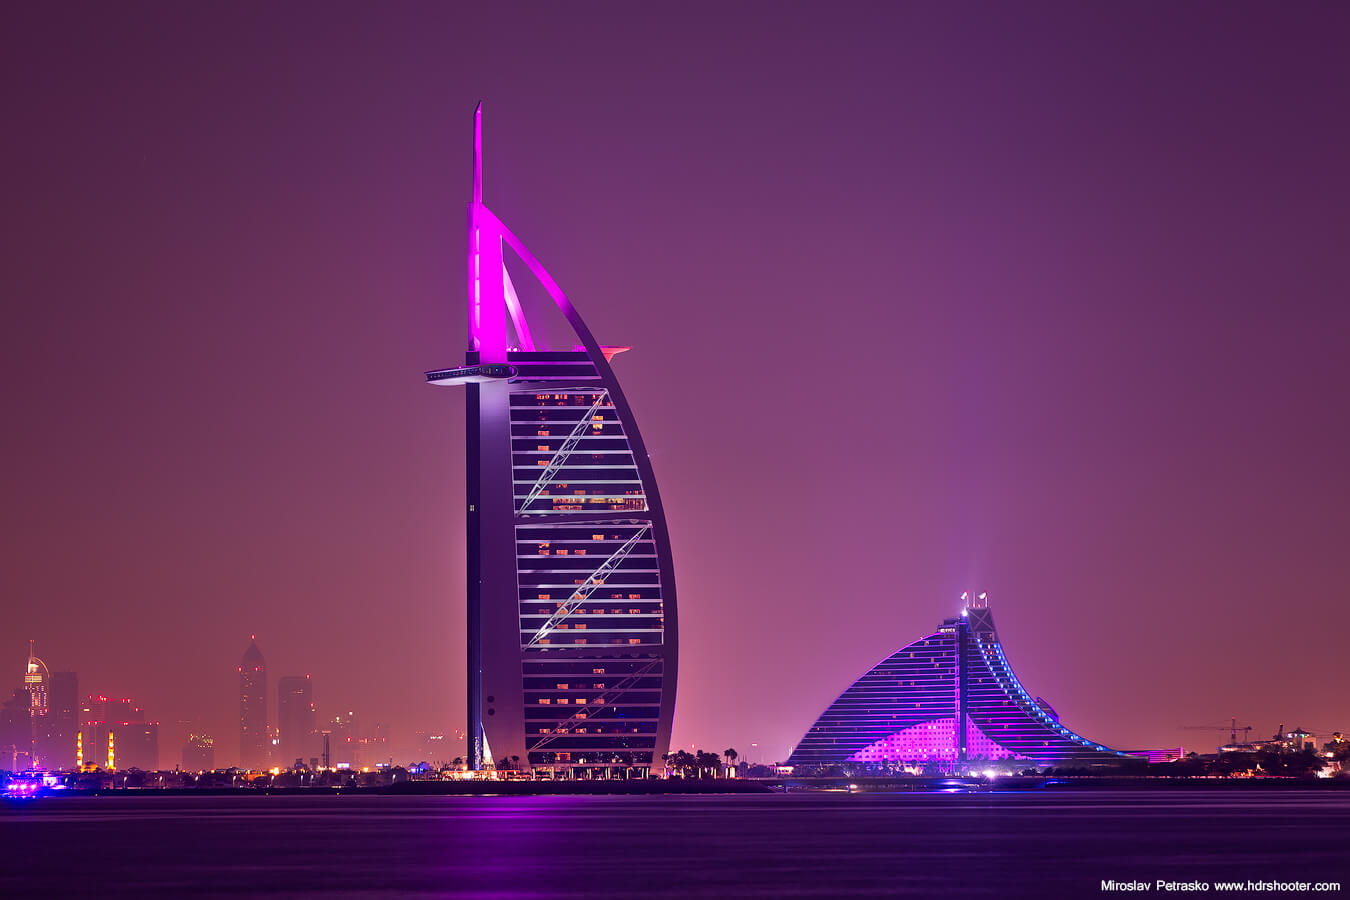 Inauguré en grande pompe en décembre 1999, le Burj Al Arab, un des symboles de Dubaï, continue de fasciner les visiteurs. C'est une attraction phare de Dubaï.